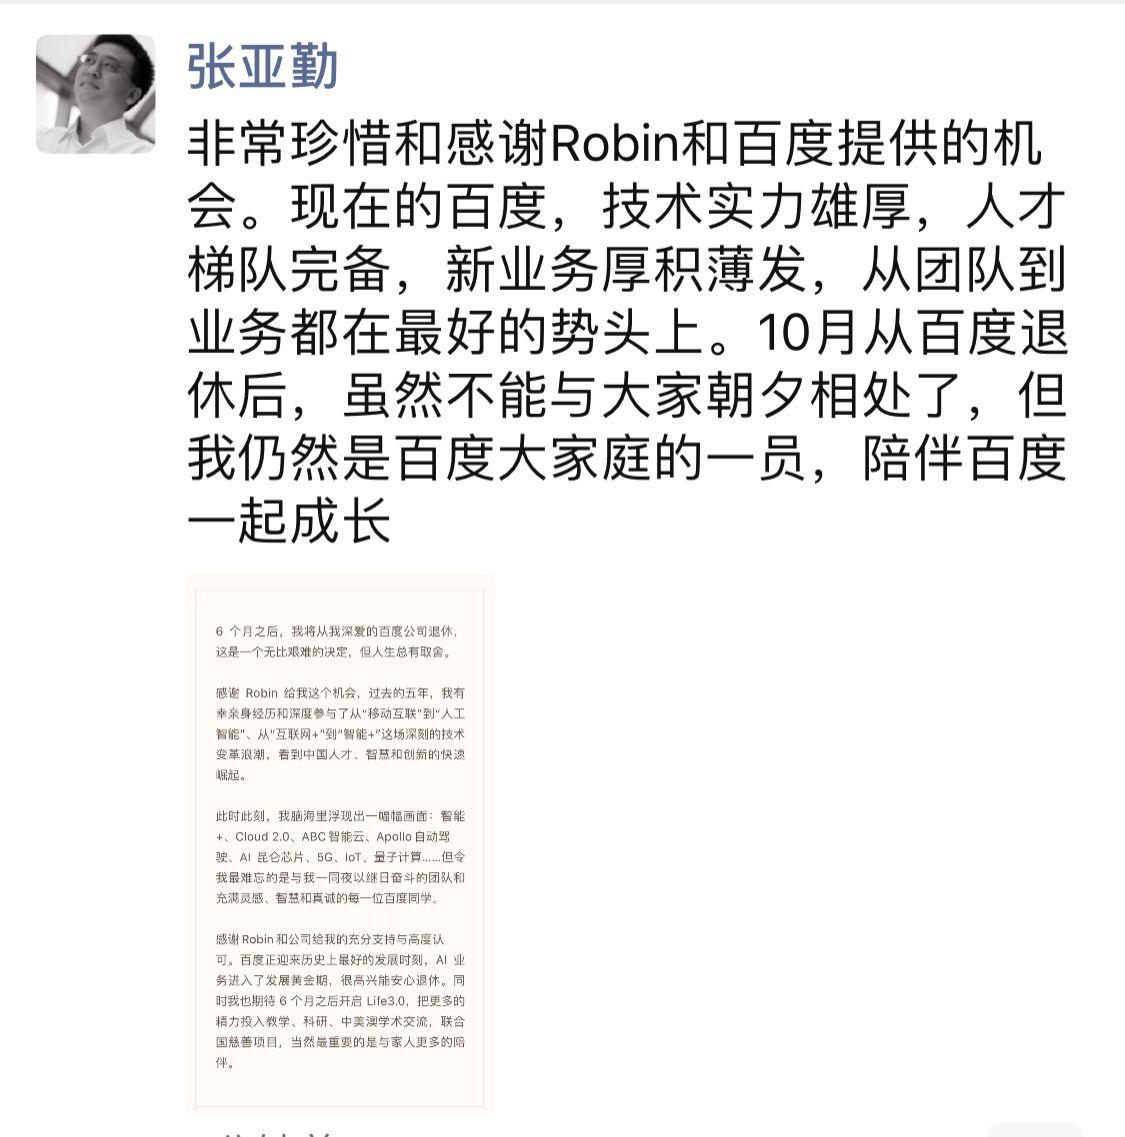 张亚勤:感谢李彦宏和百度 6个月后开启Life3.0